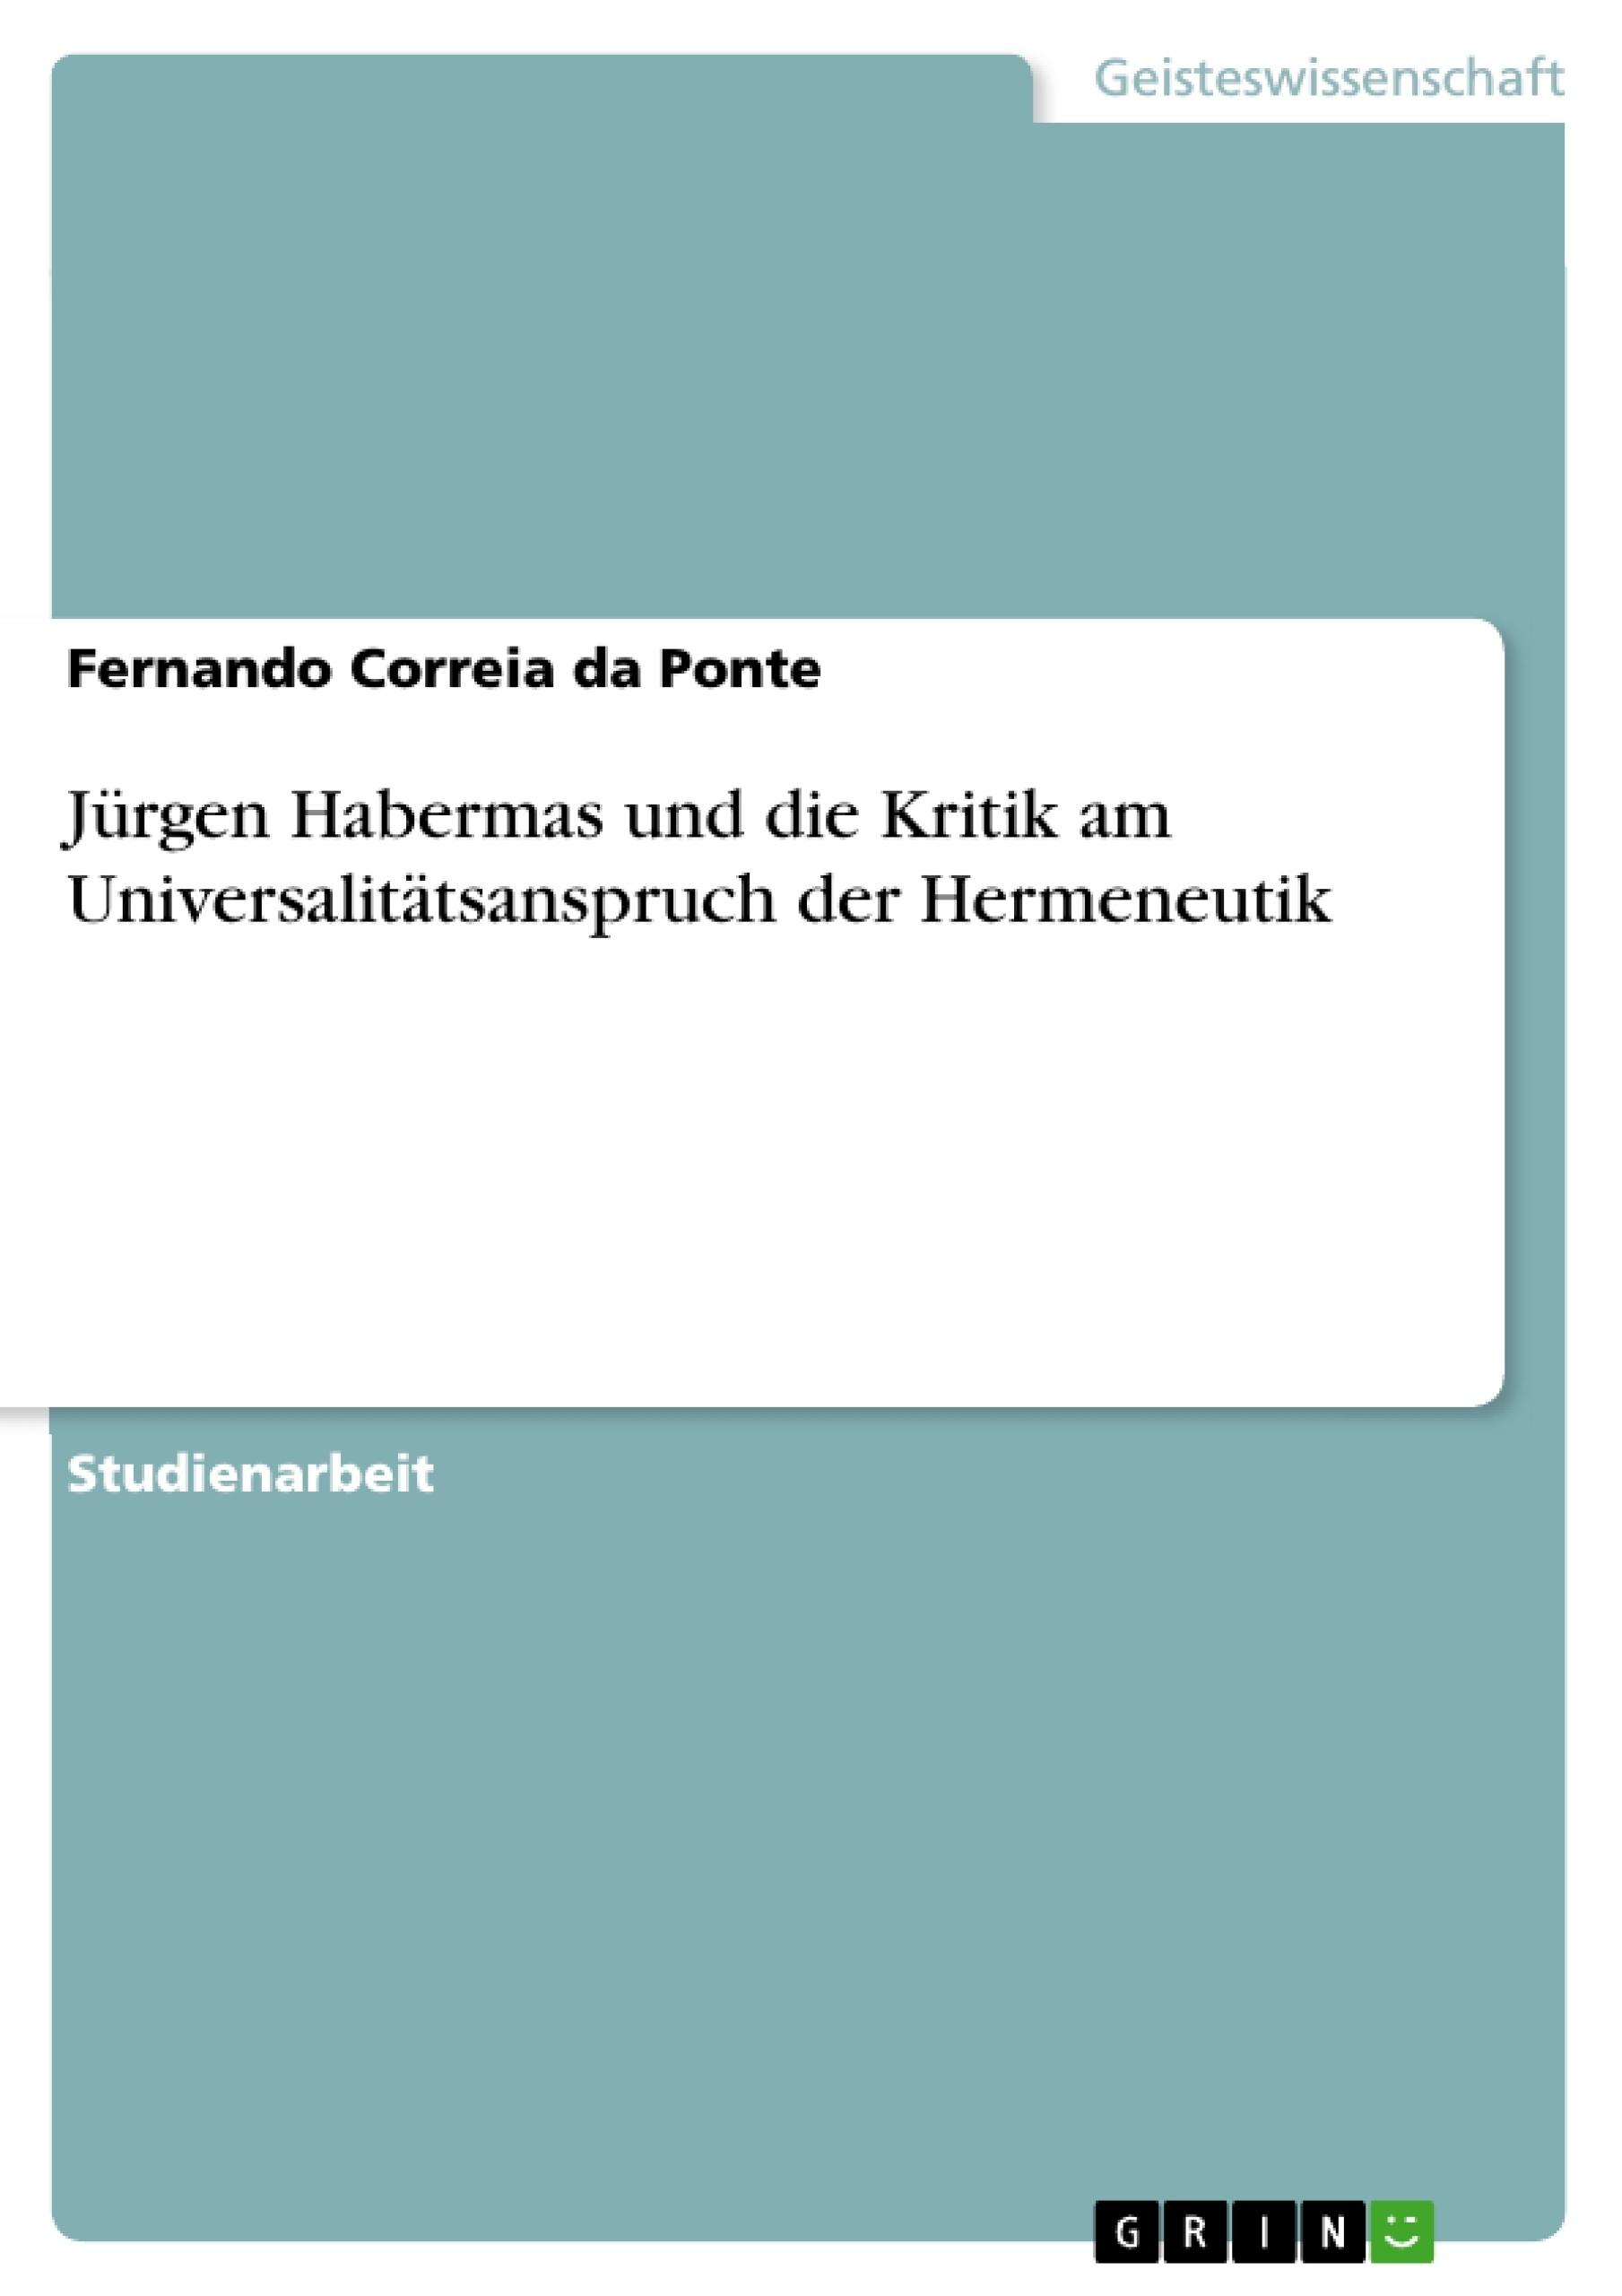 Titel: Jürgen Habermas und die Kritik am Universalitätsanspruch der Hermeneutik